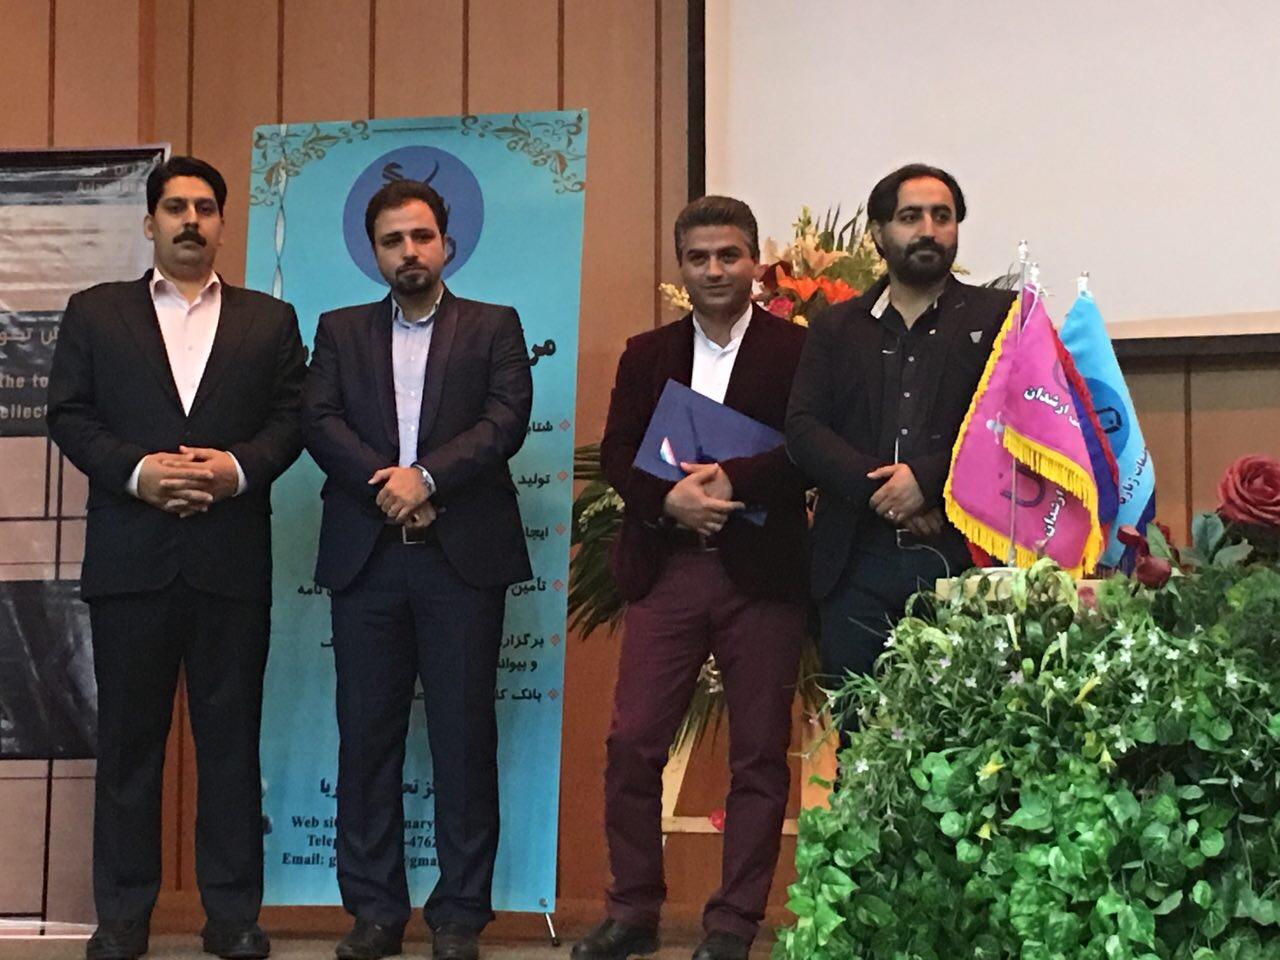 سخنرانی دکتر توکلی در همایش کارآفرینی- مدیریت هلدینگ ایران تایپیست و موسسه وکیل تلفنی